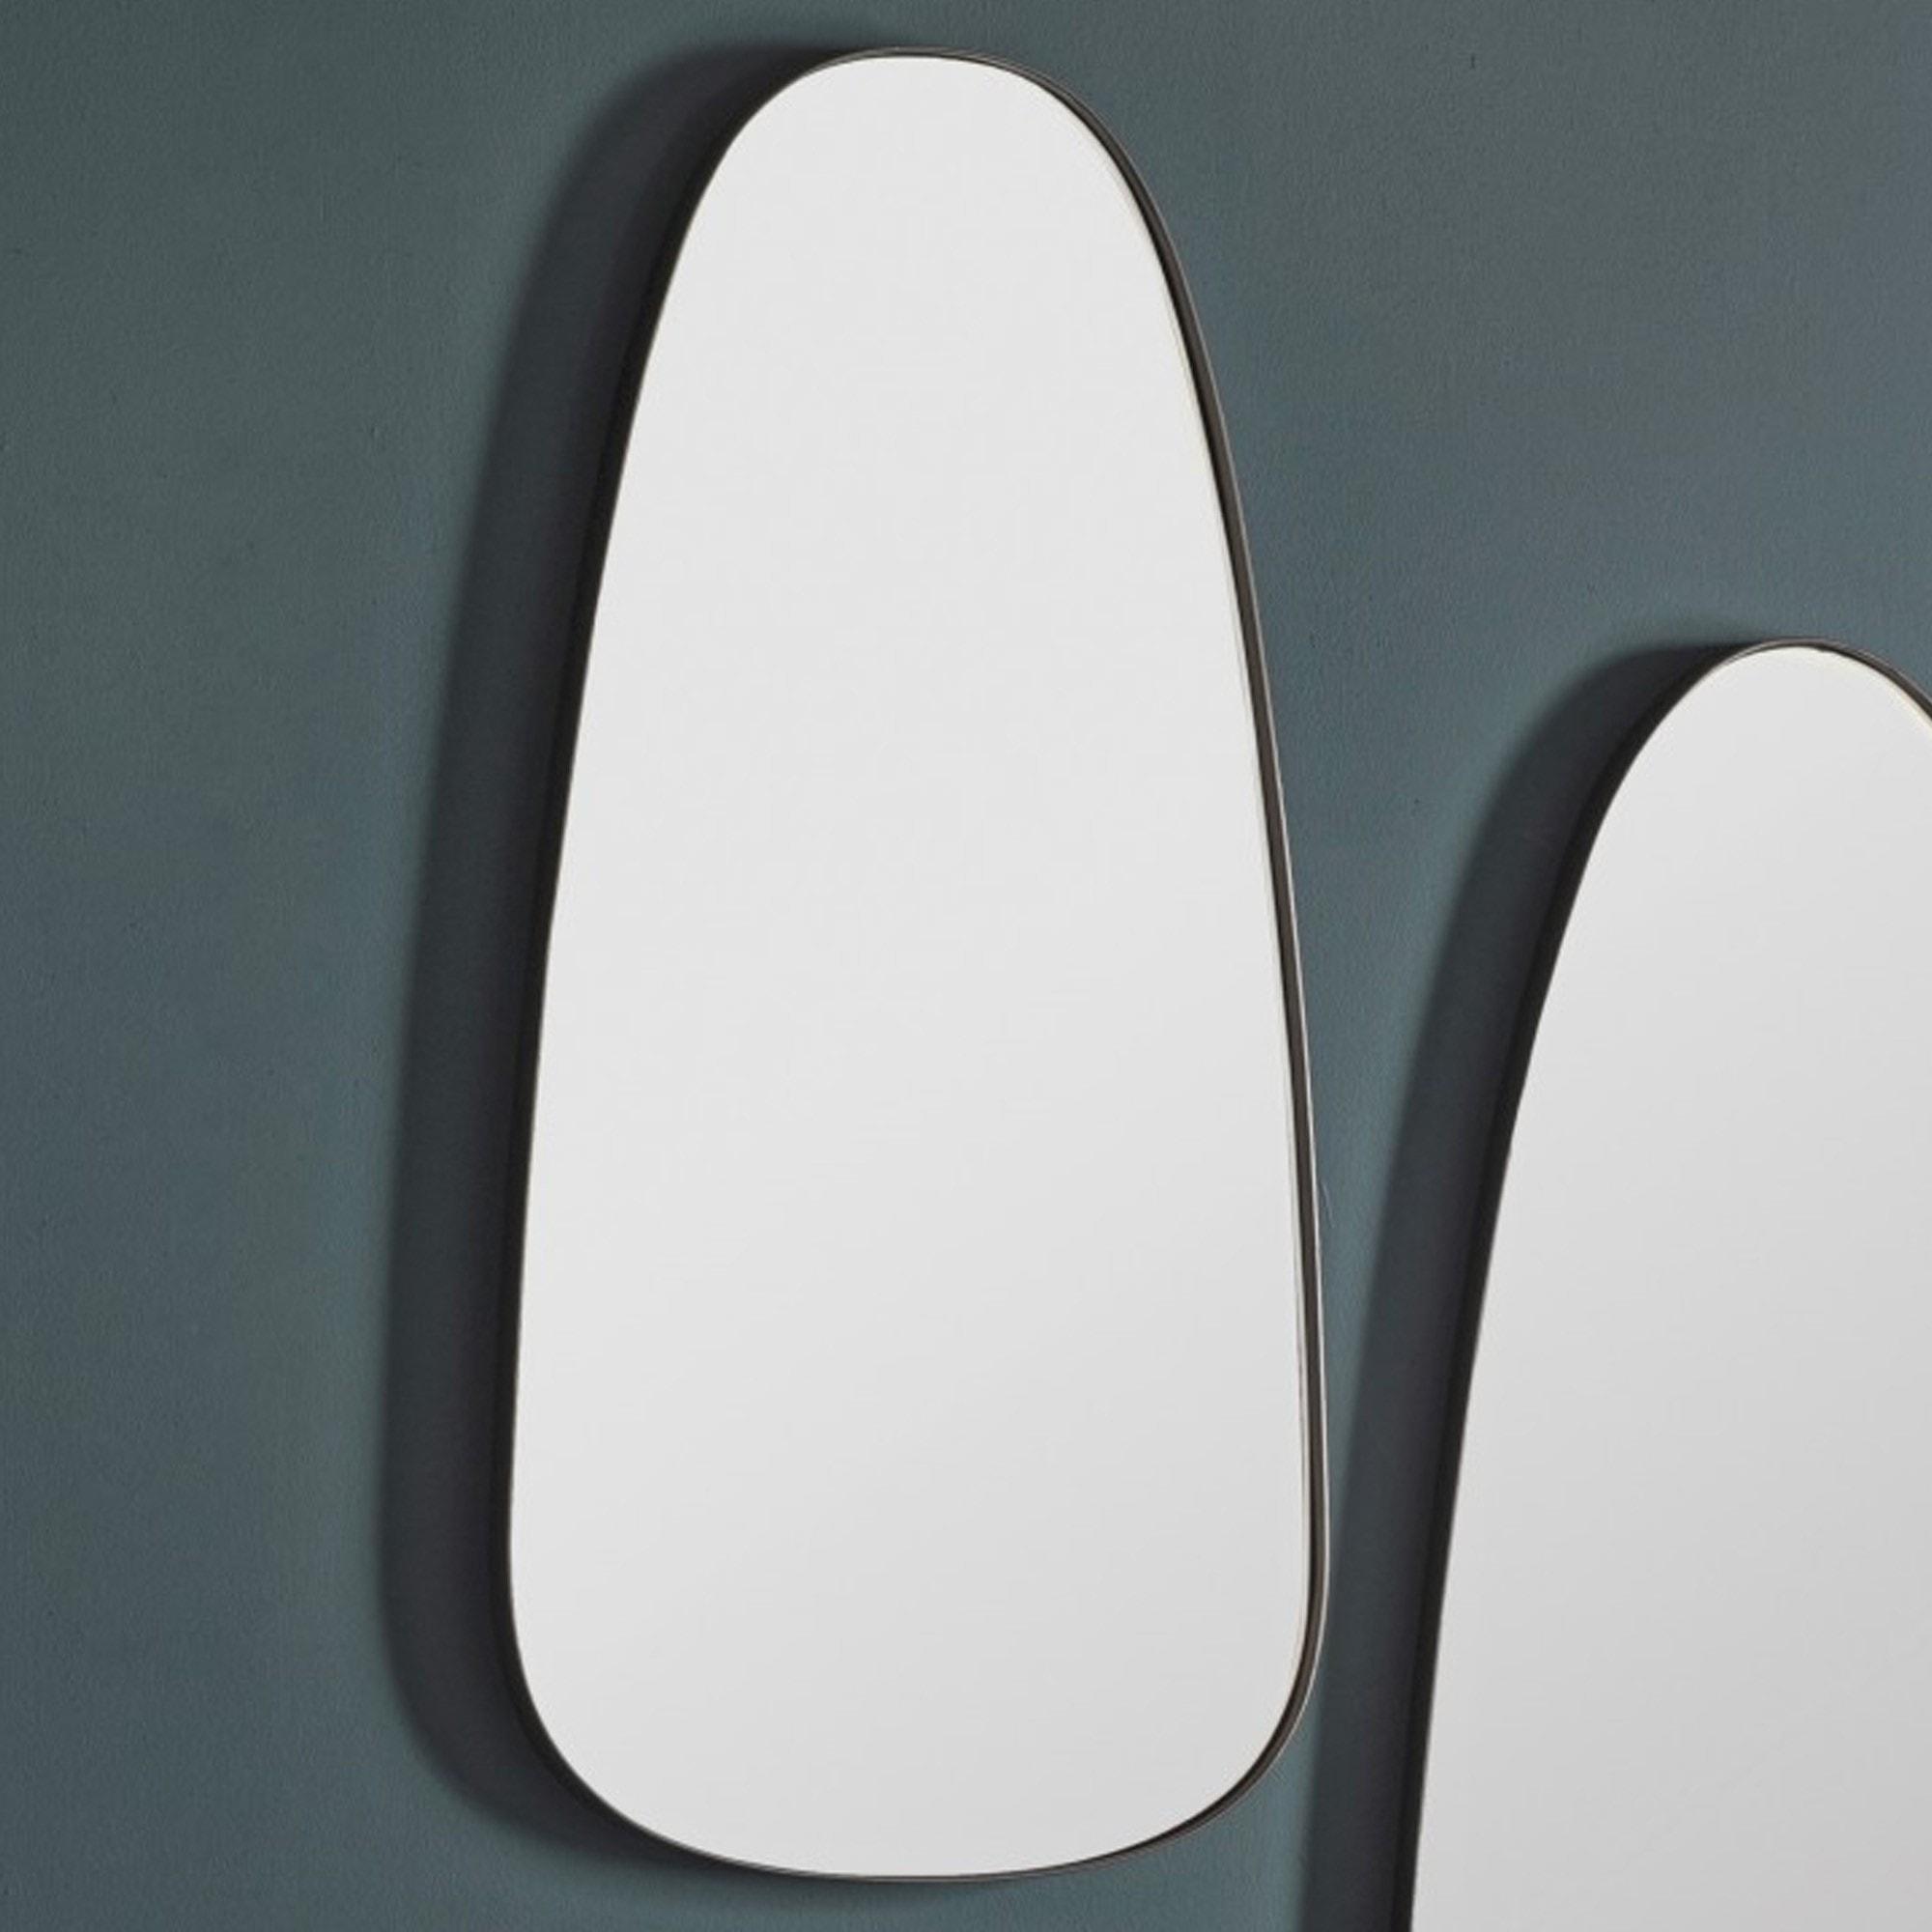 Vintola Mirror Pewter Curved Mirror Retro Mirror Wall Mirror